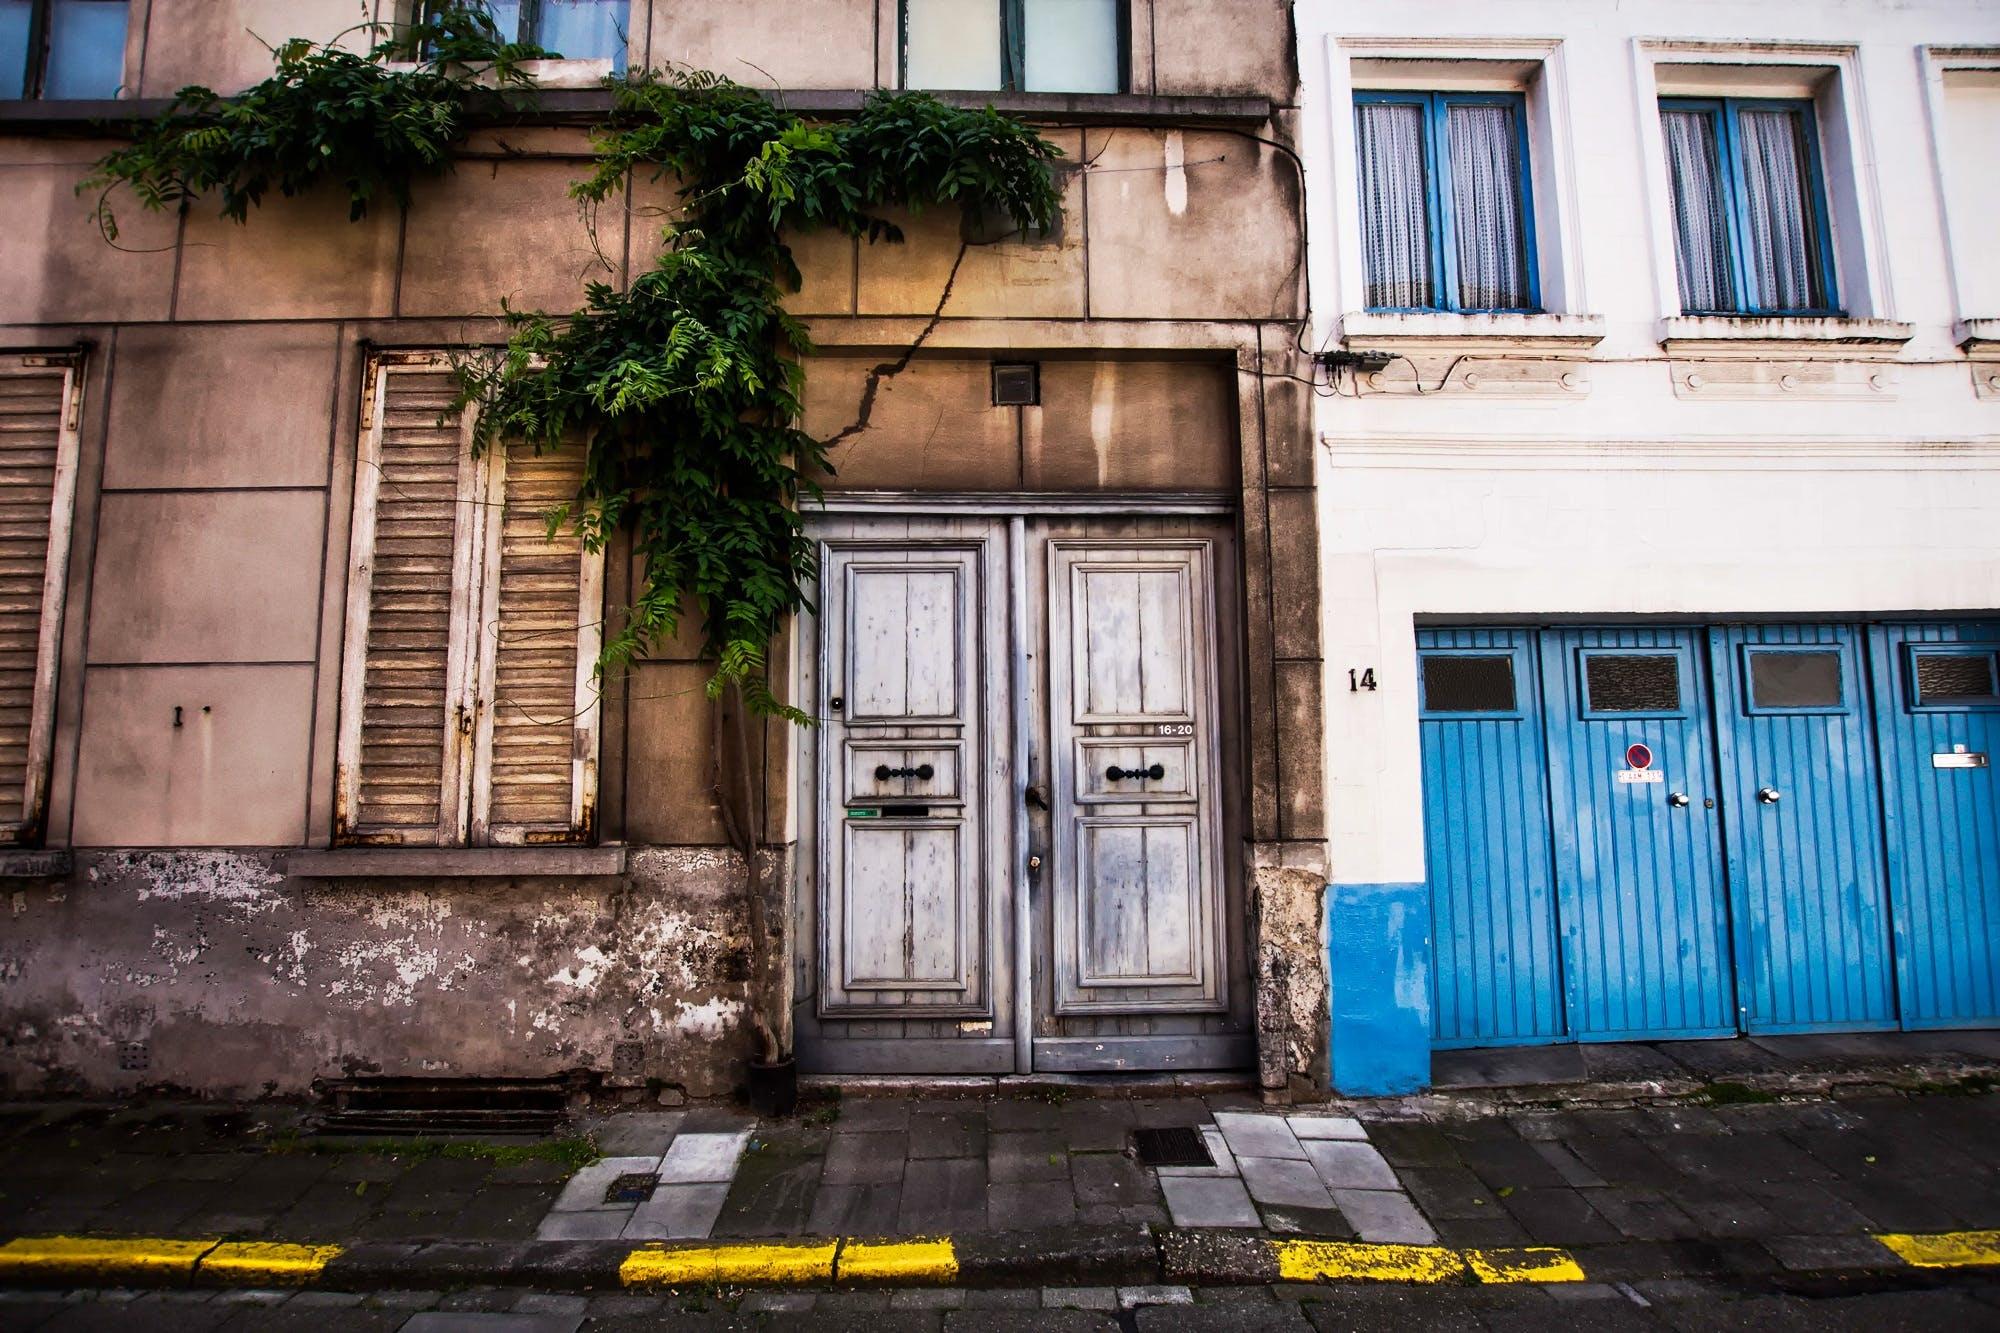 アパート, エントランス, シティ, ビンテージの無料の写真素材